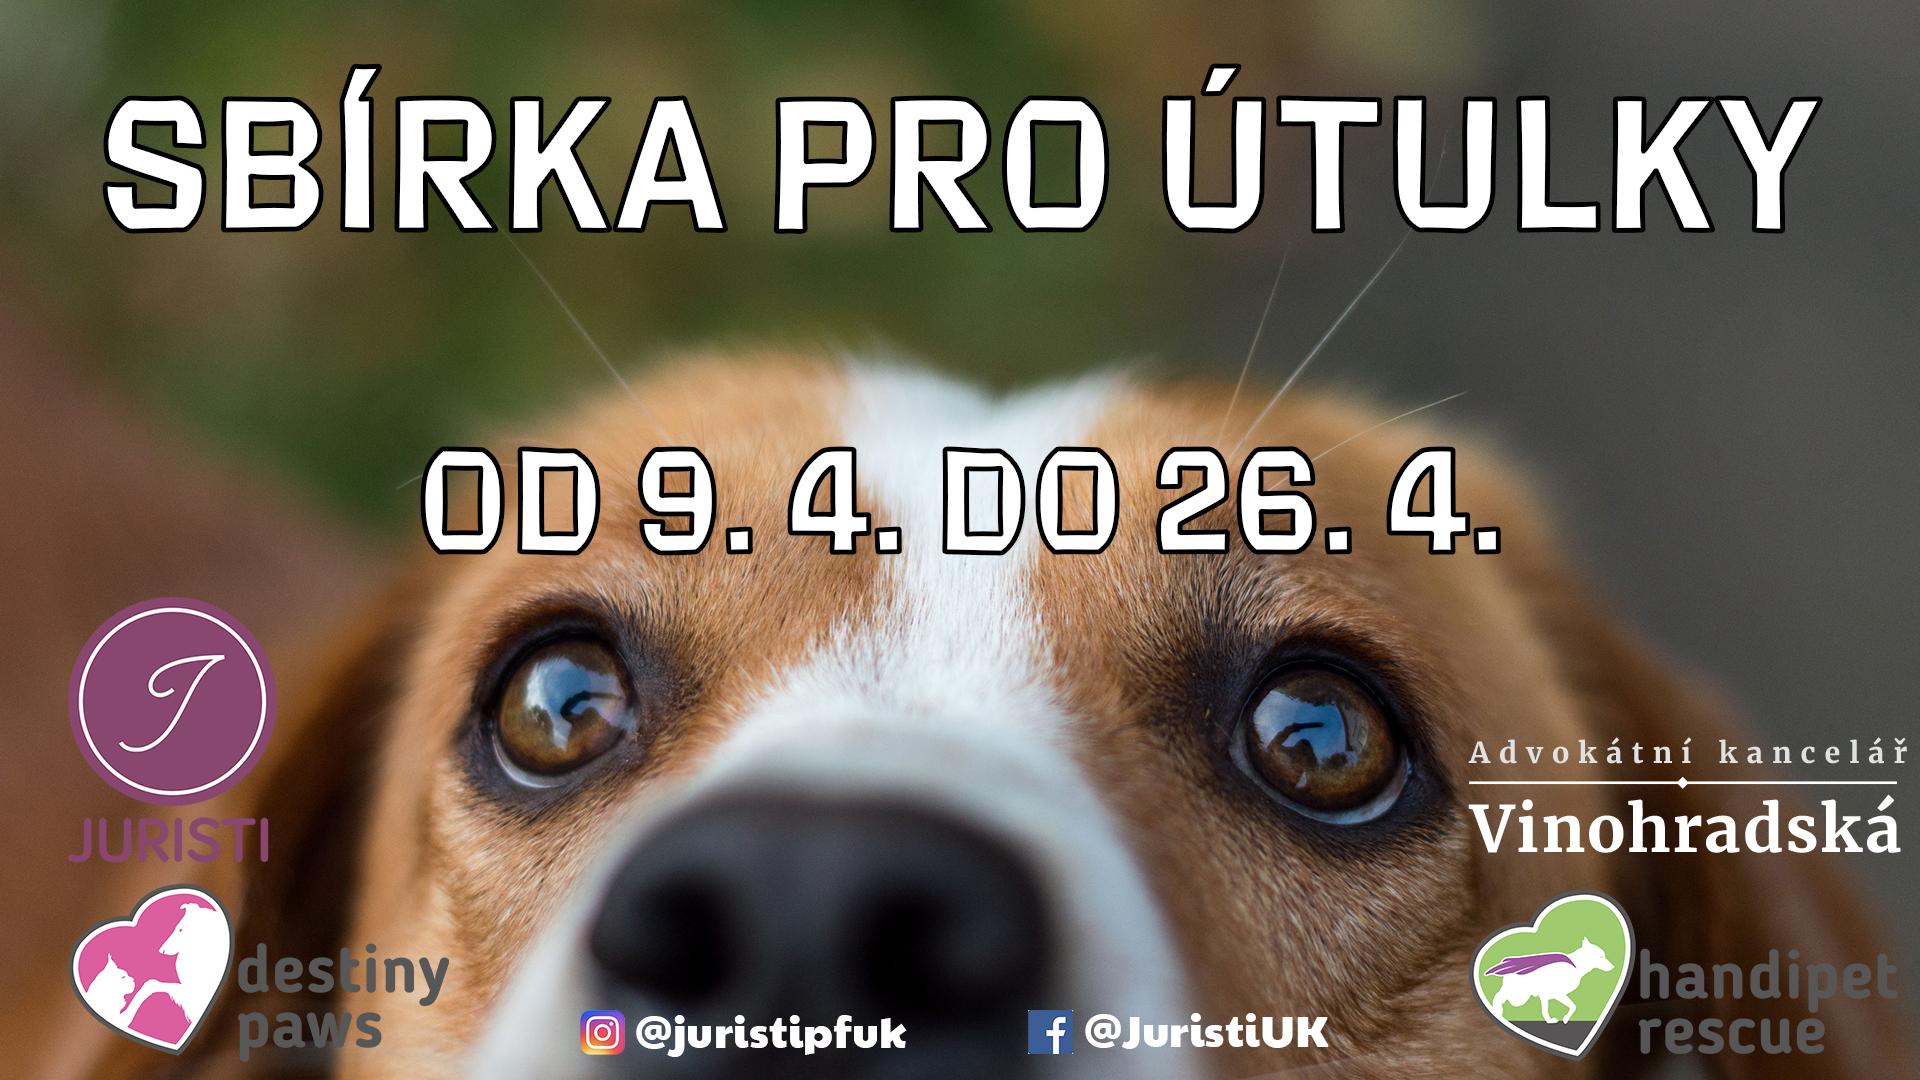 Sbirka-banner-1